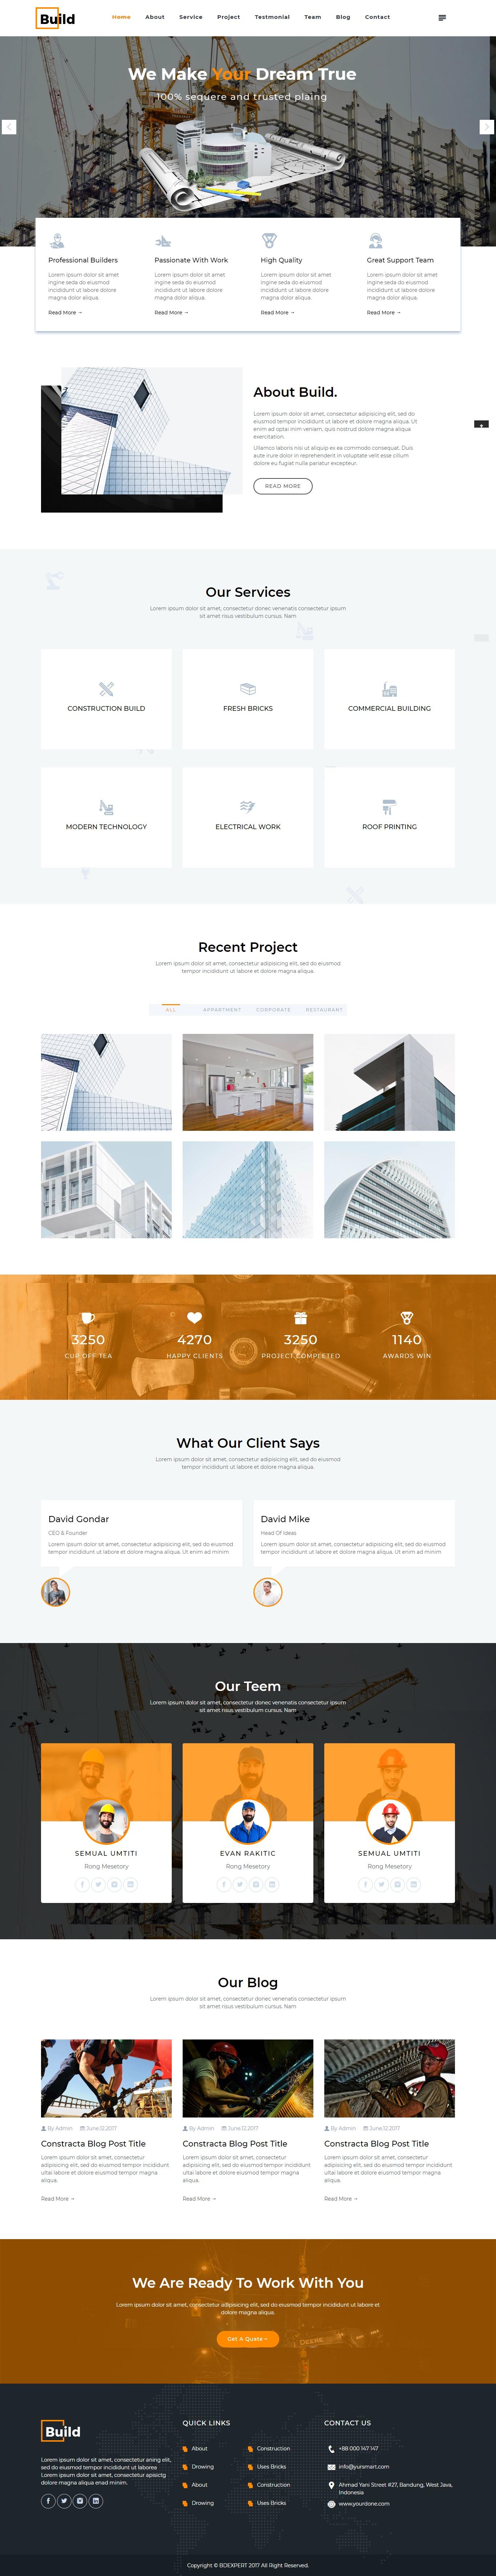 Thiết kế website công ty xây dựng - cung cấp vật tư - kiểm định công trình.